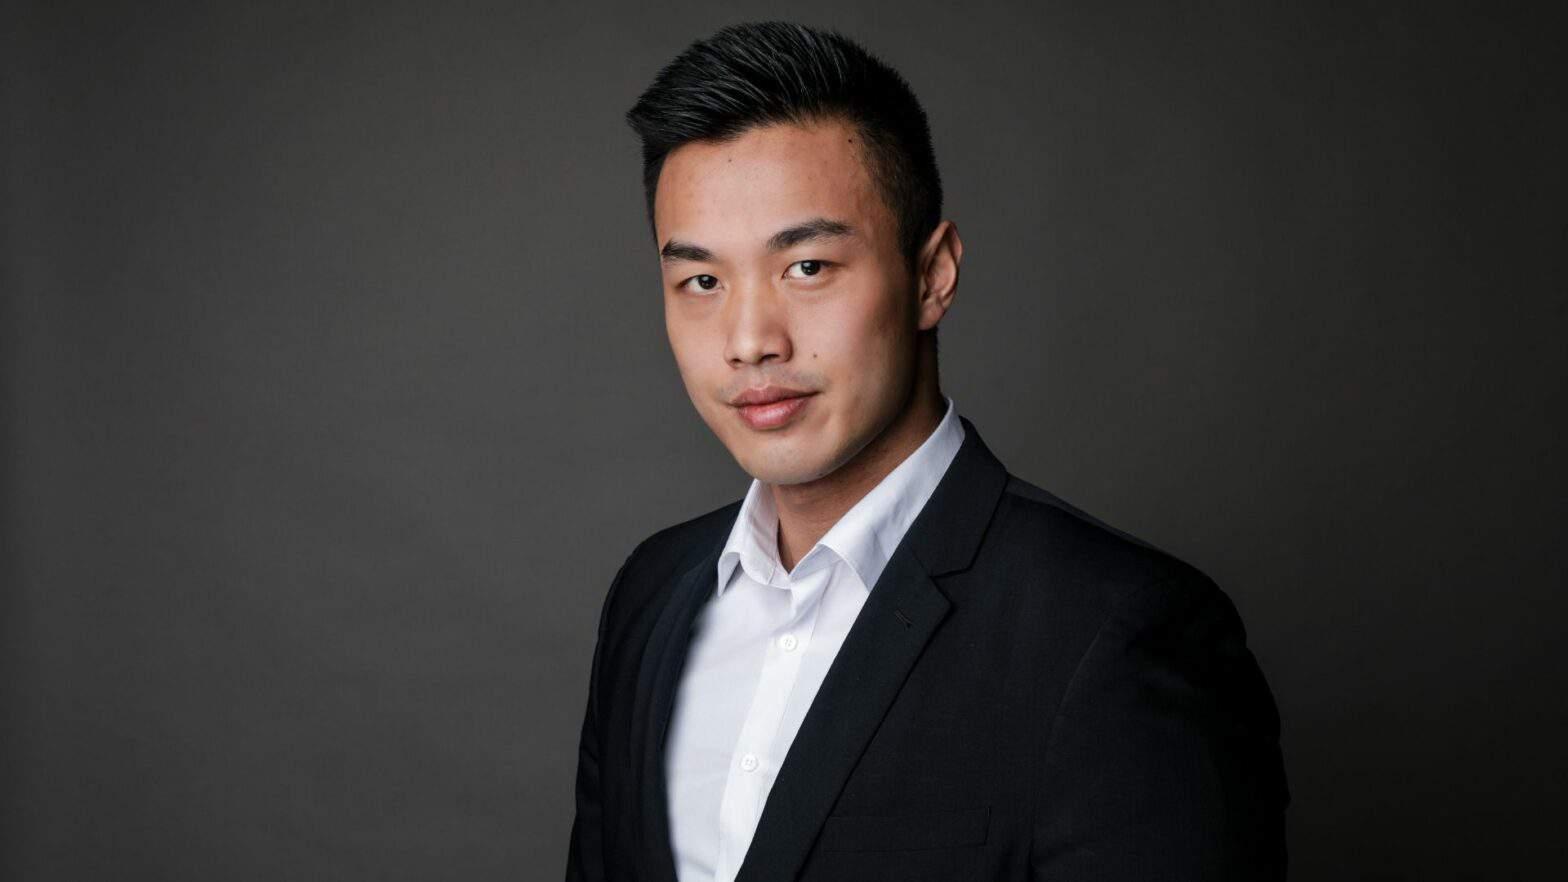 Erfahrungsbericht, Fabian Tang Zheng